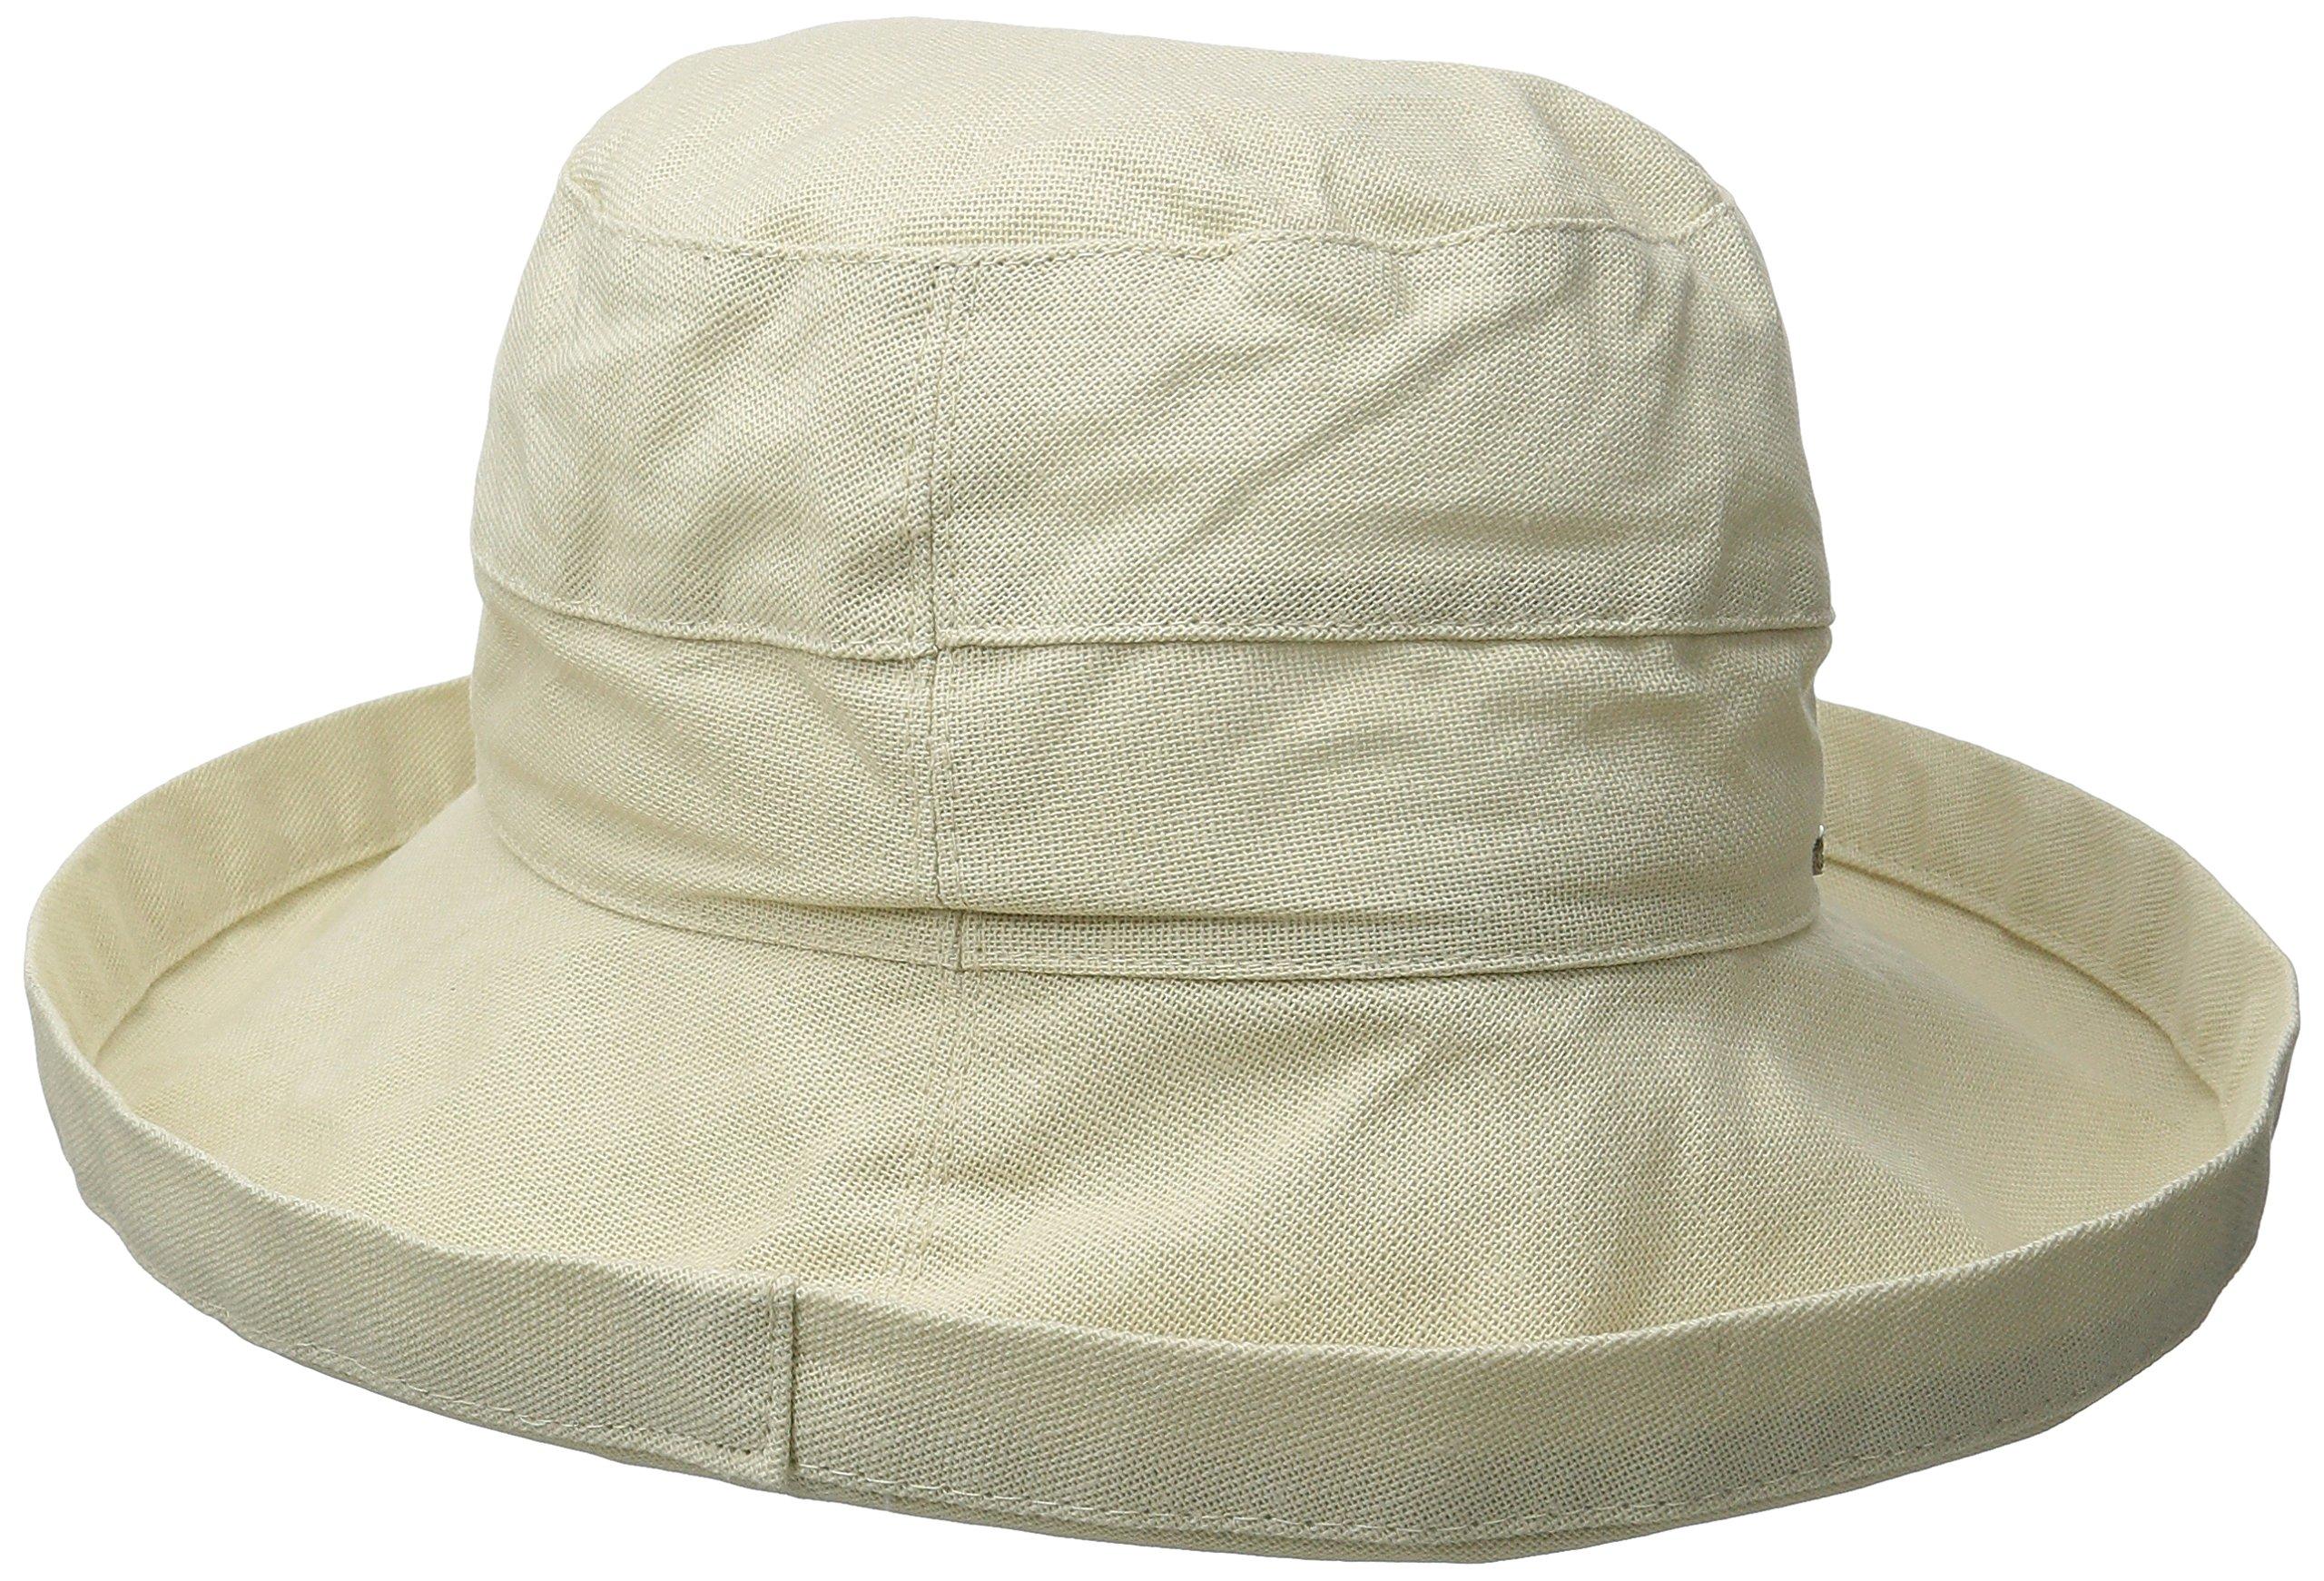 Scala Women's Medium Brim Cotton Hat, Natural, One Size